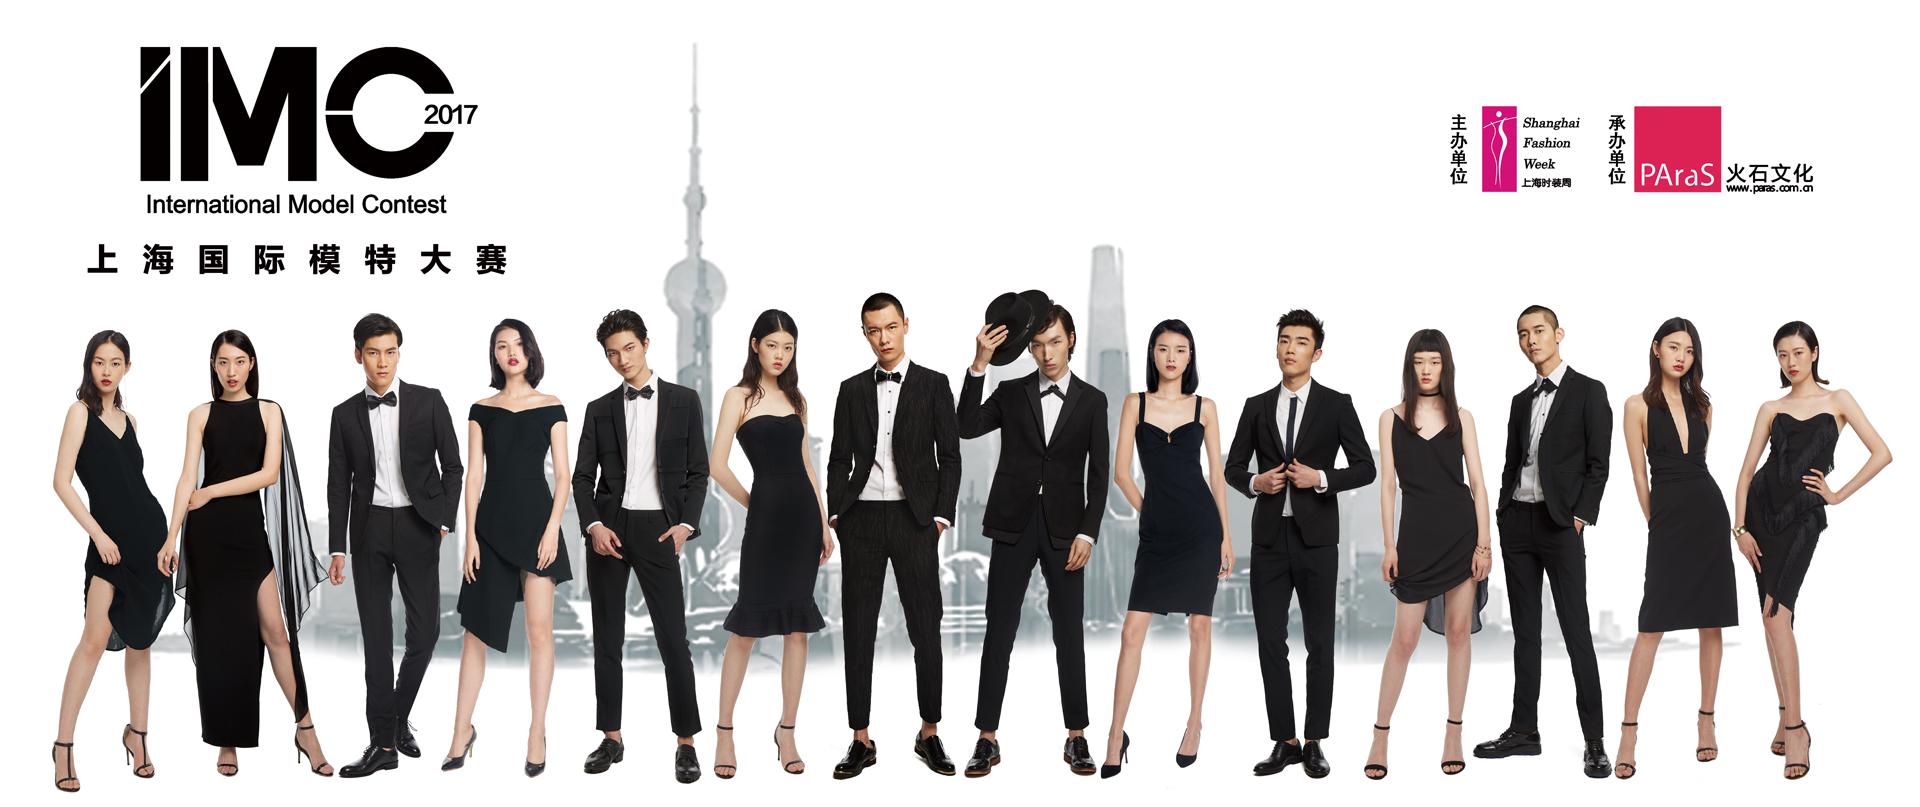 2017IMC上海国际模特大赛